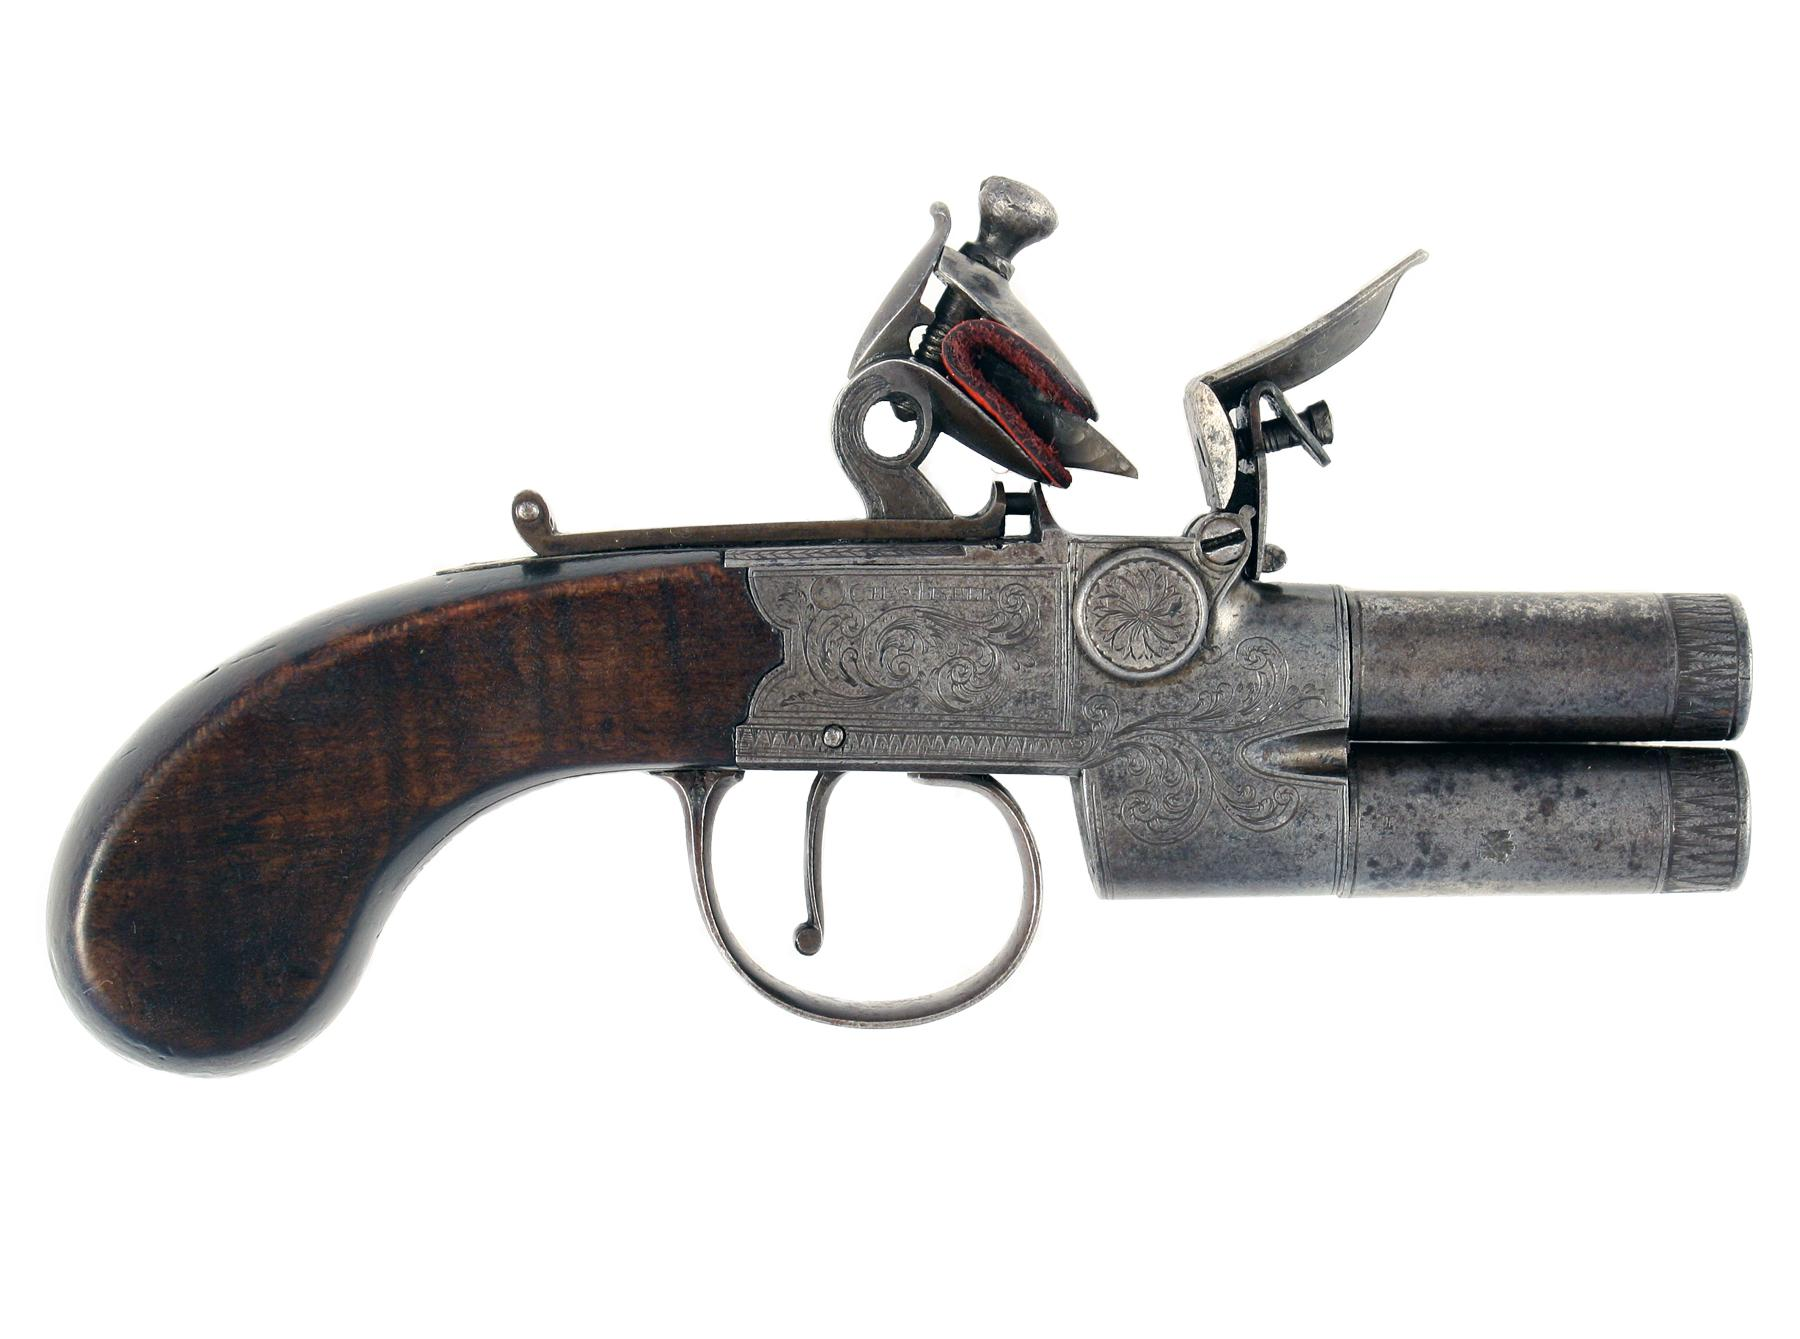 A Tap-Action Pistol